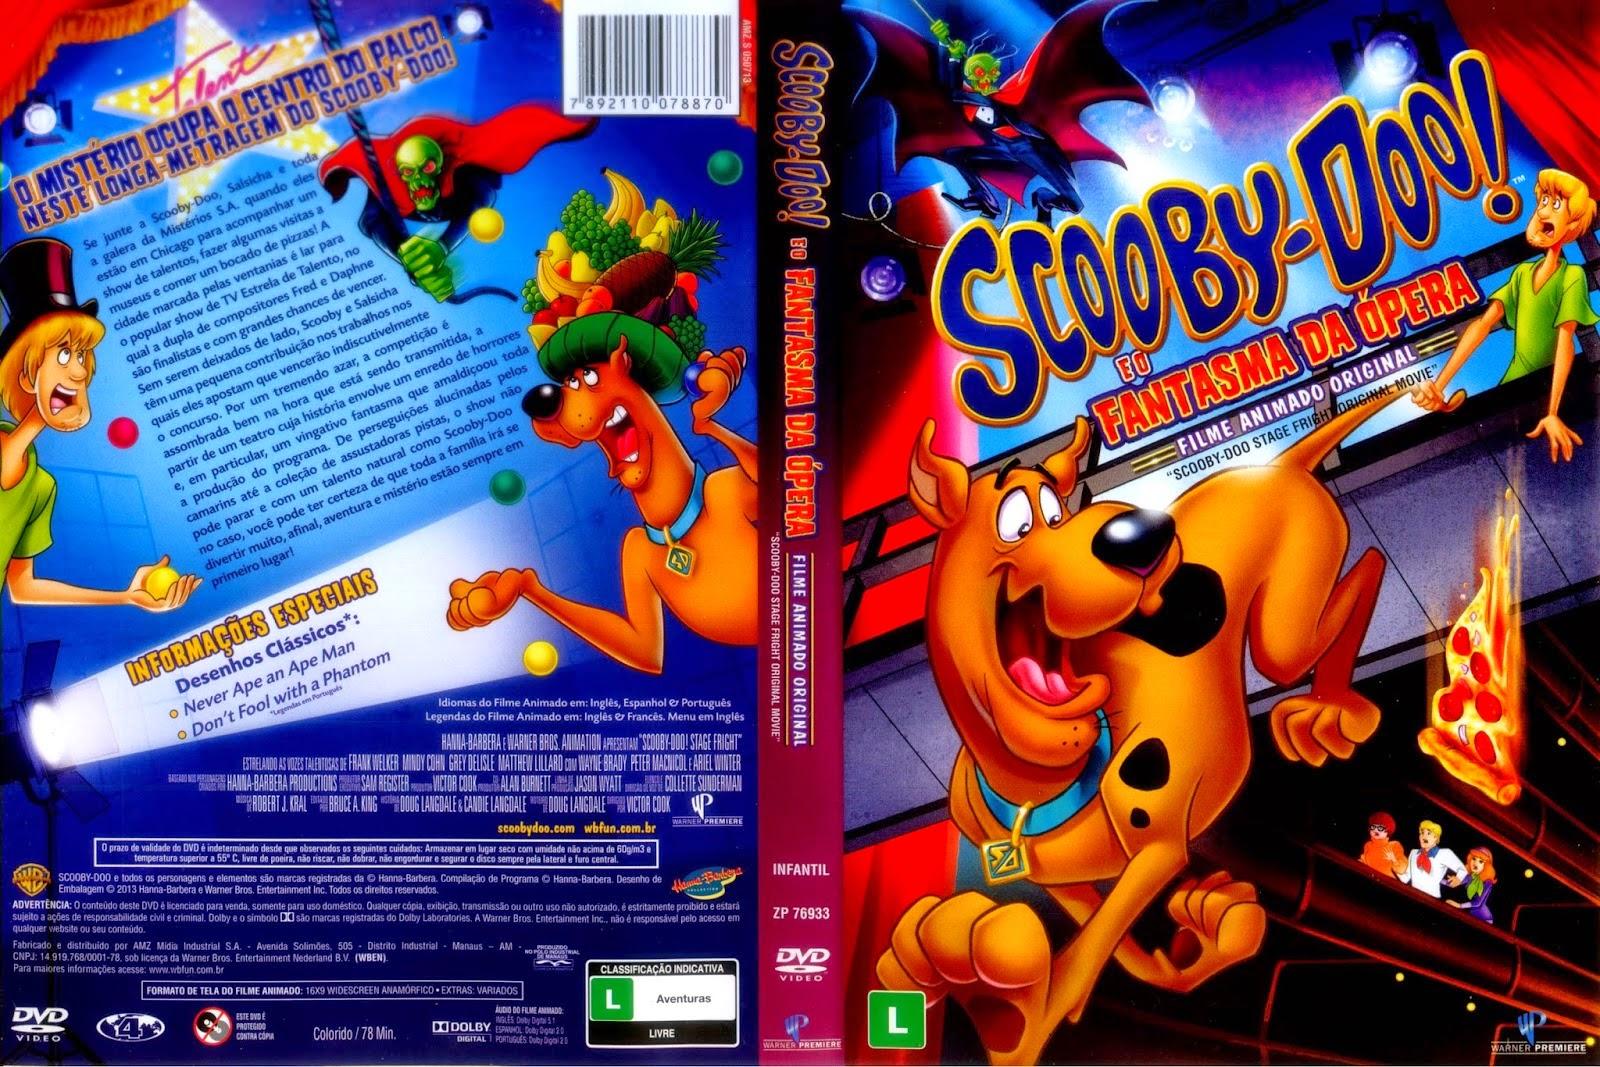 Scooby-Doo e o Fantasma da Ópera